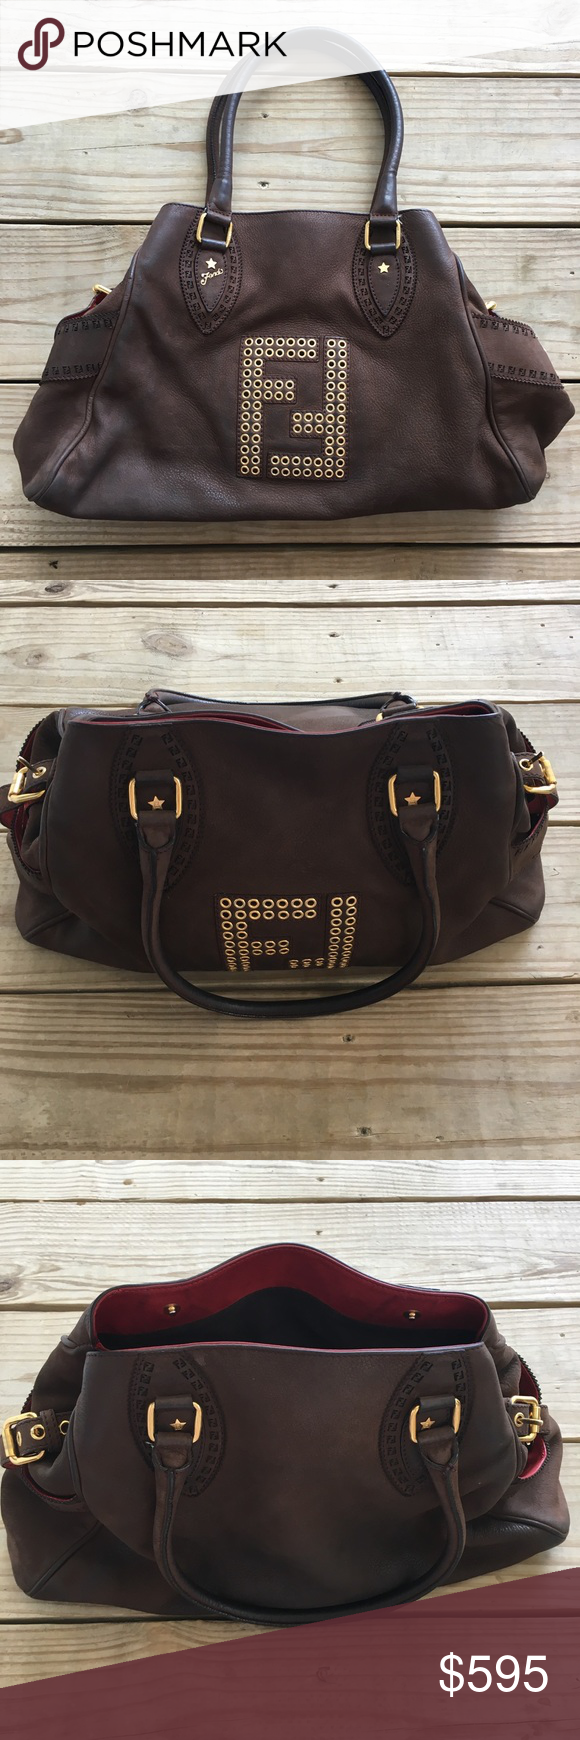 Fendi Bag Fendi Bag de jour Brown Nubuck Size - large Leather Condition -  excellent Fendi Bags Satchels 2cfb9885a1